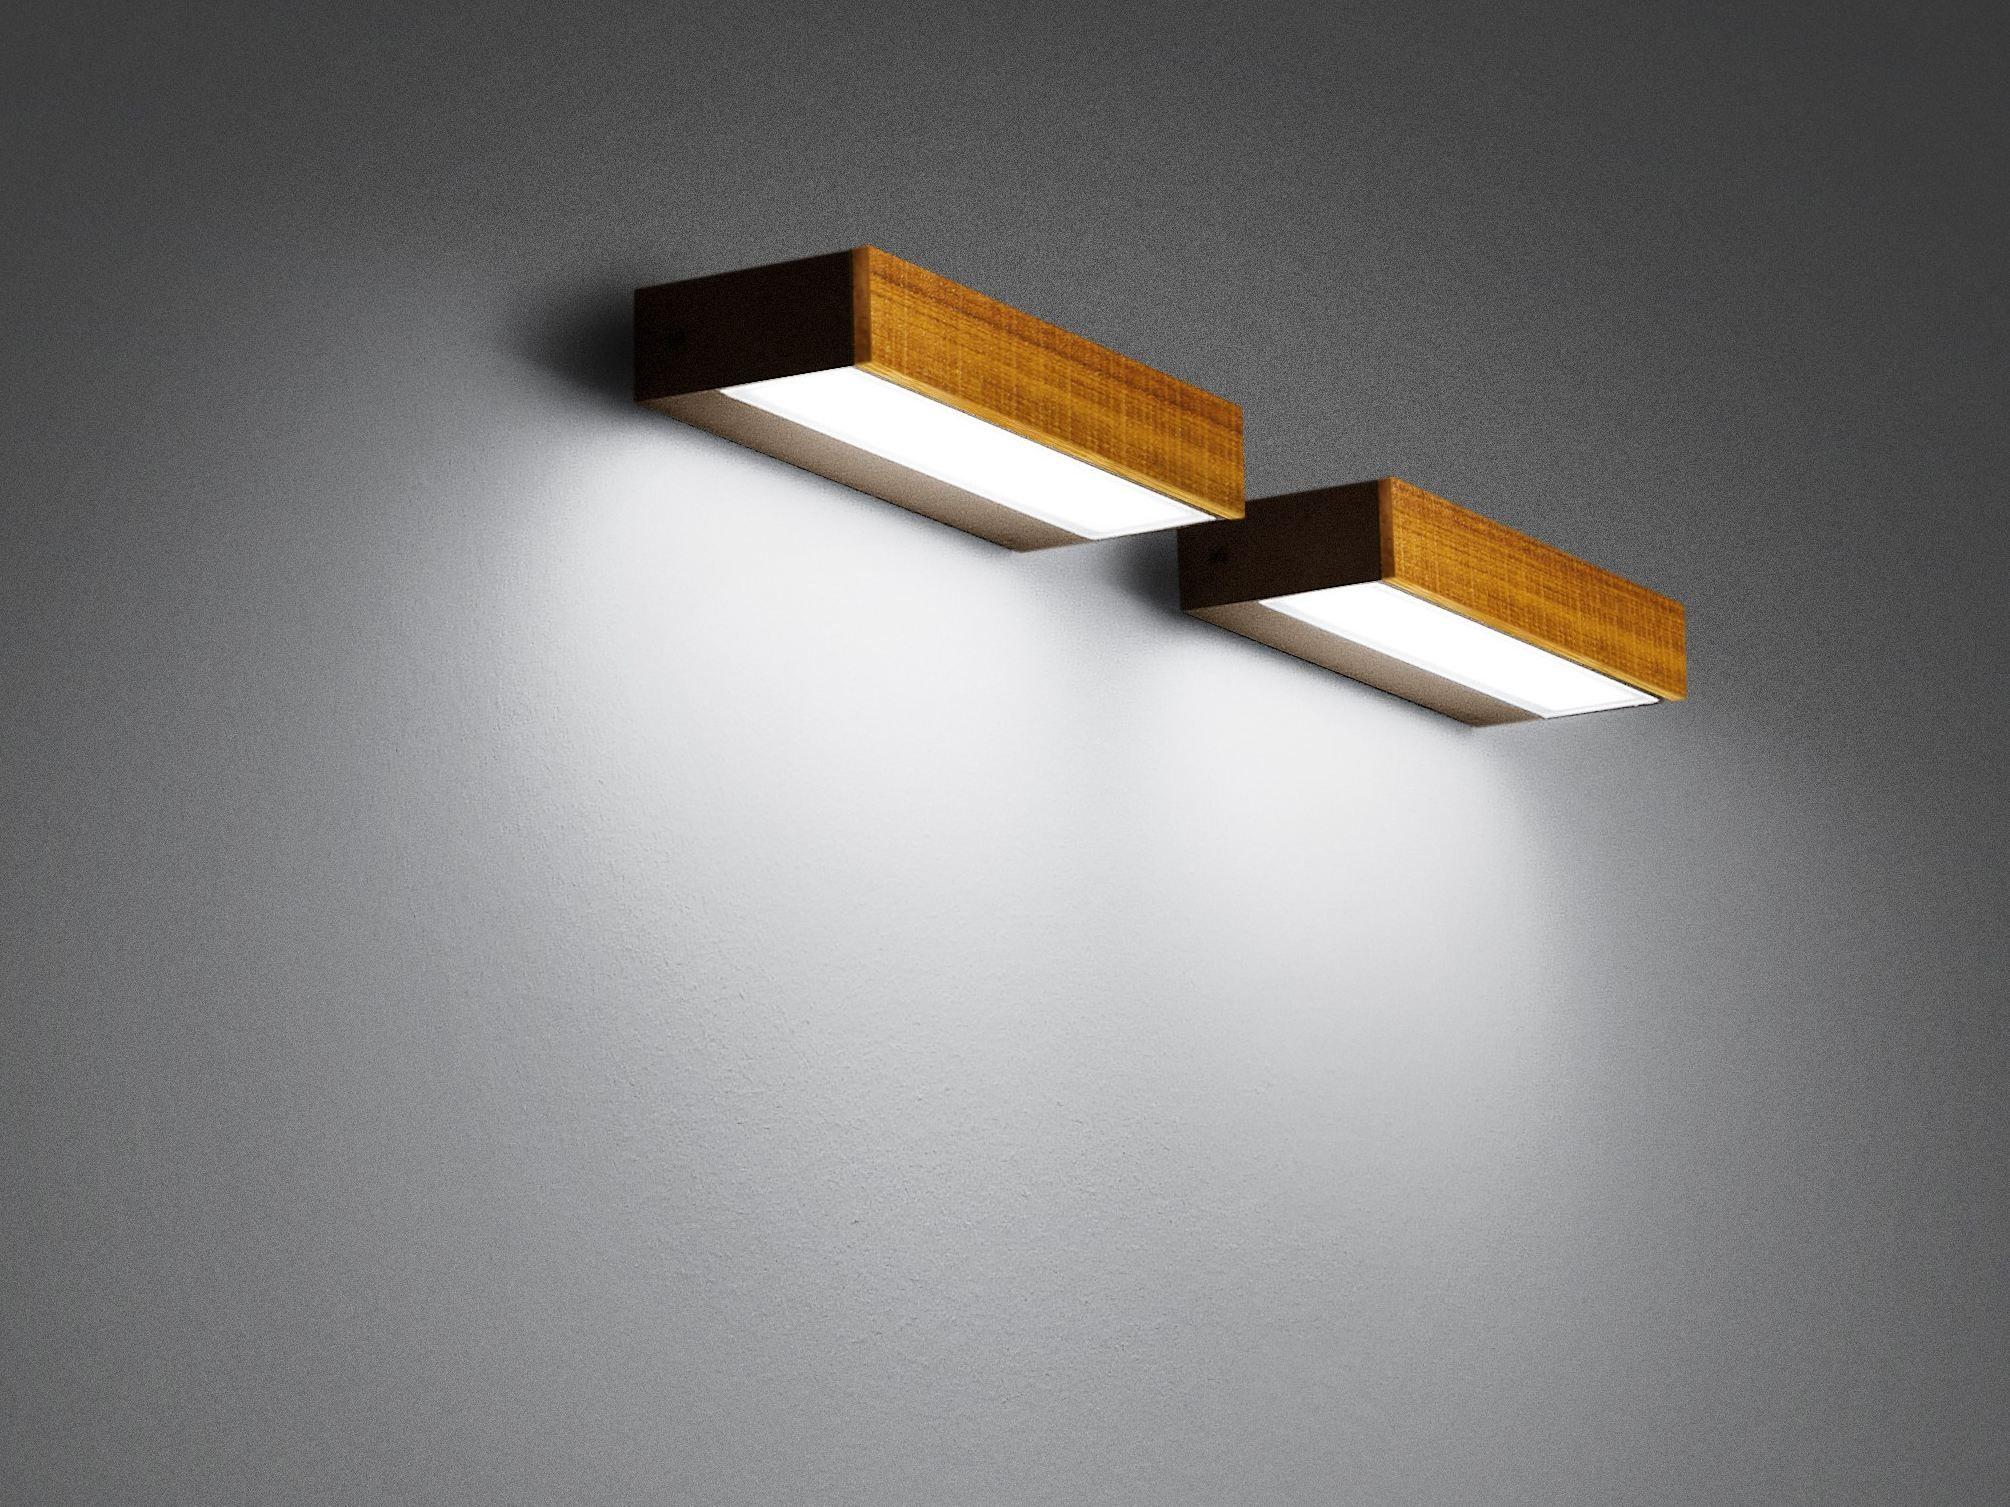 Simes illuminazione listino prezzi illuminazione treviso